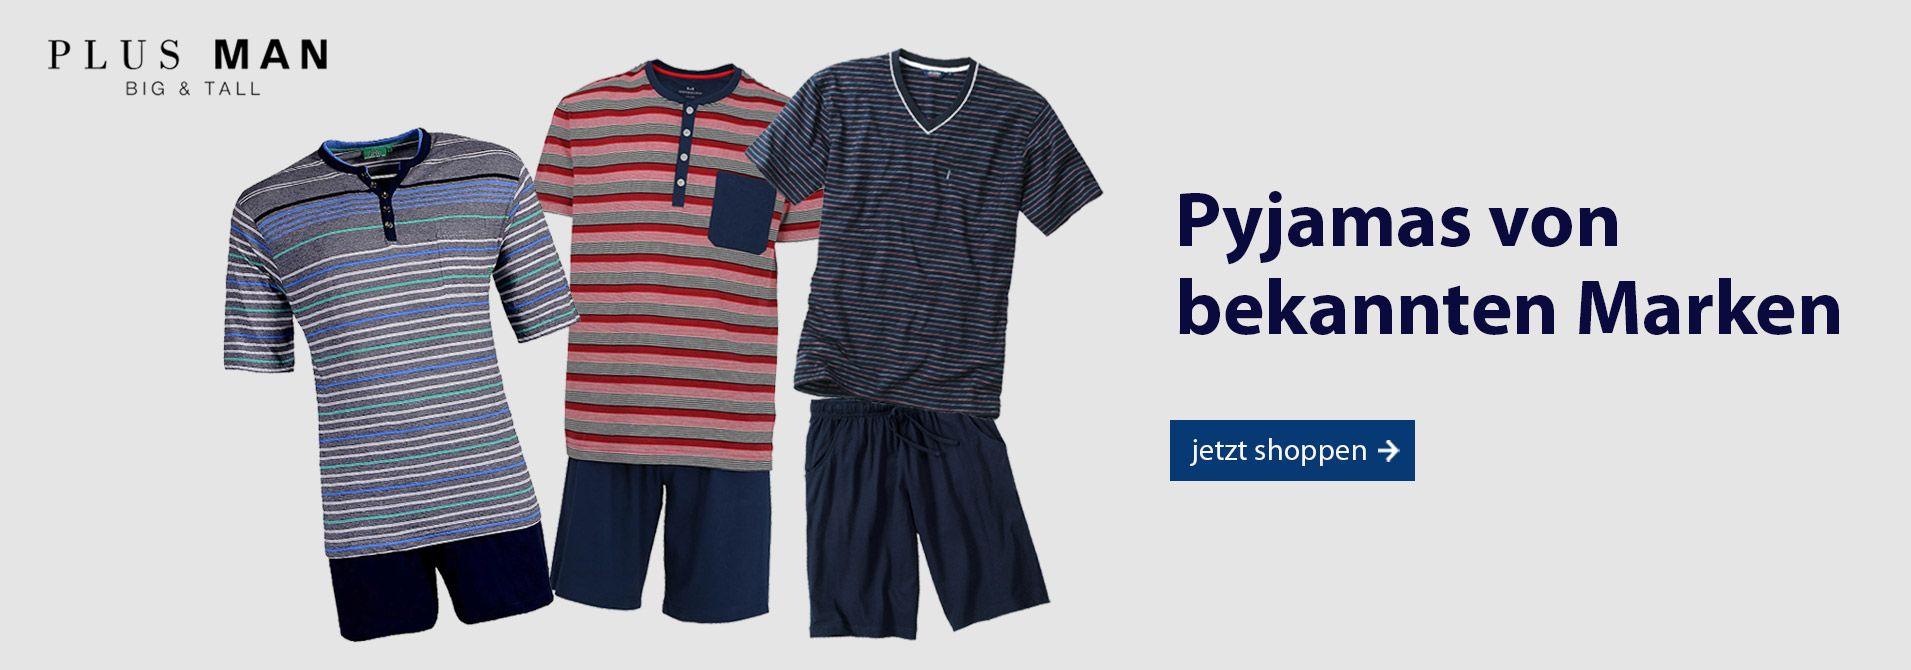 Pyjamas in Übergrößen